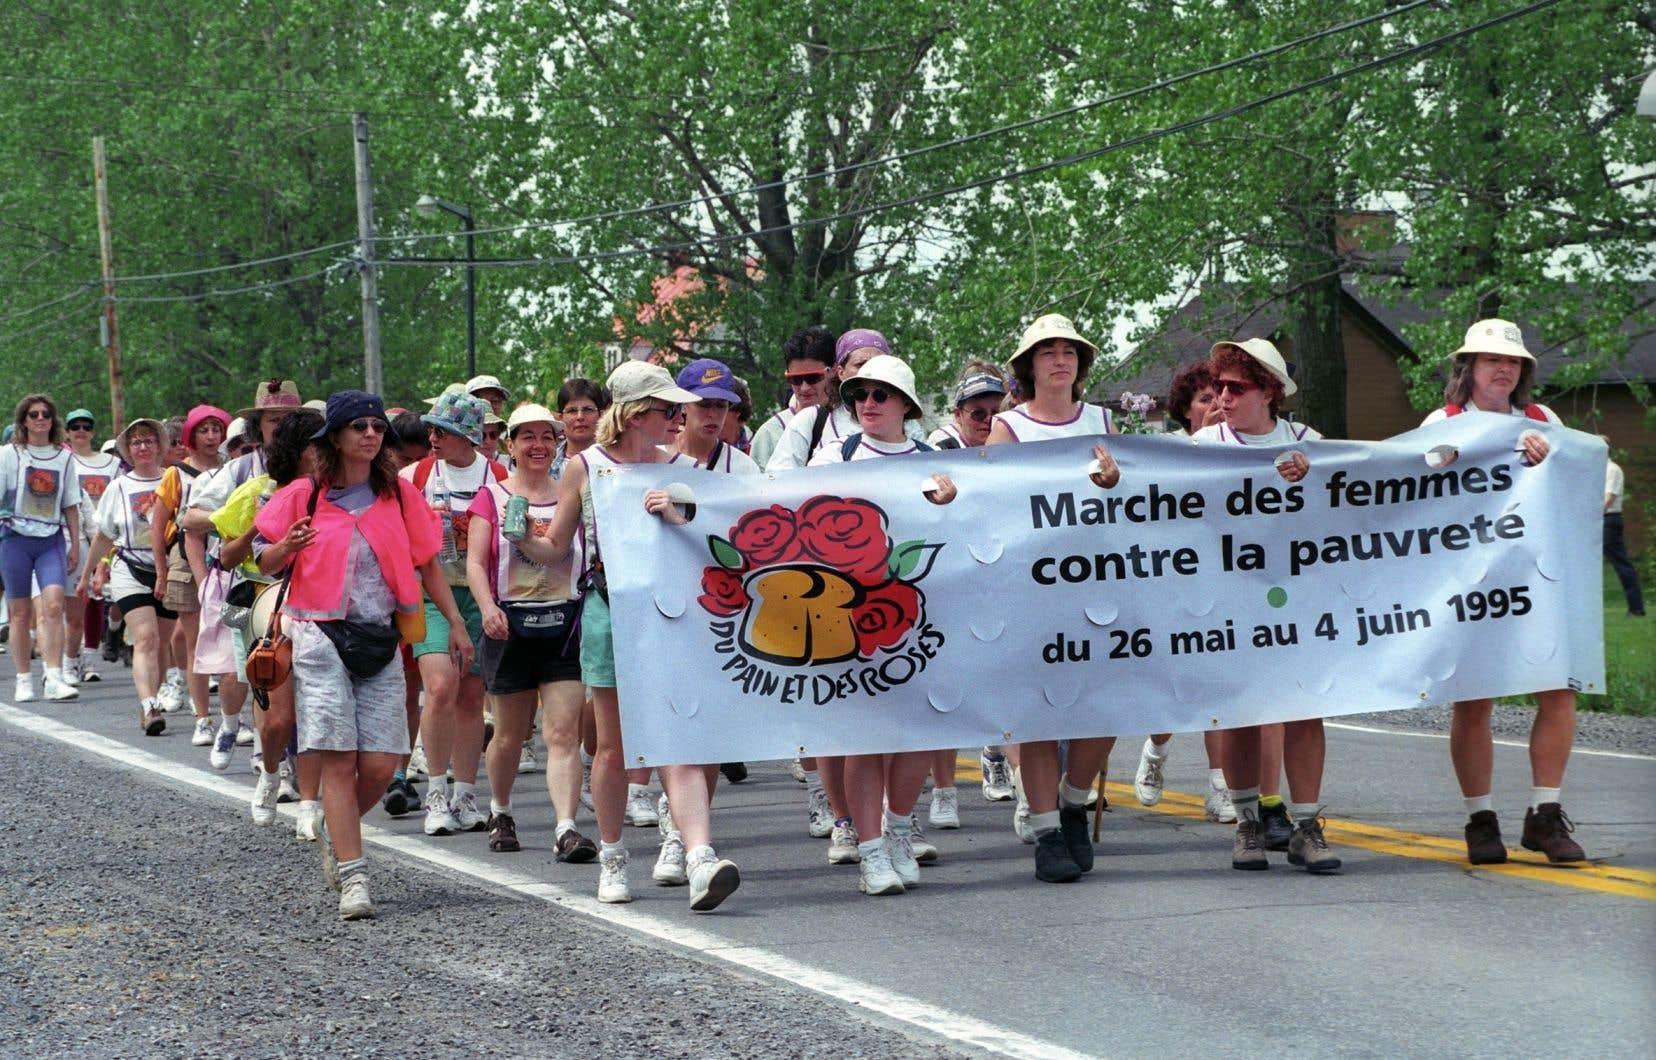 Il a fallu un an d'efforts, des centaines de bénévoles et beaucoup d'imagination pour coordonner une marche de dix jours avec 800 femmes et trois contingents, relate Françoise David.